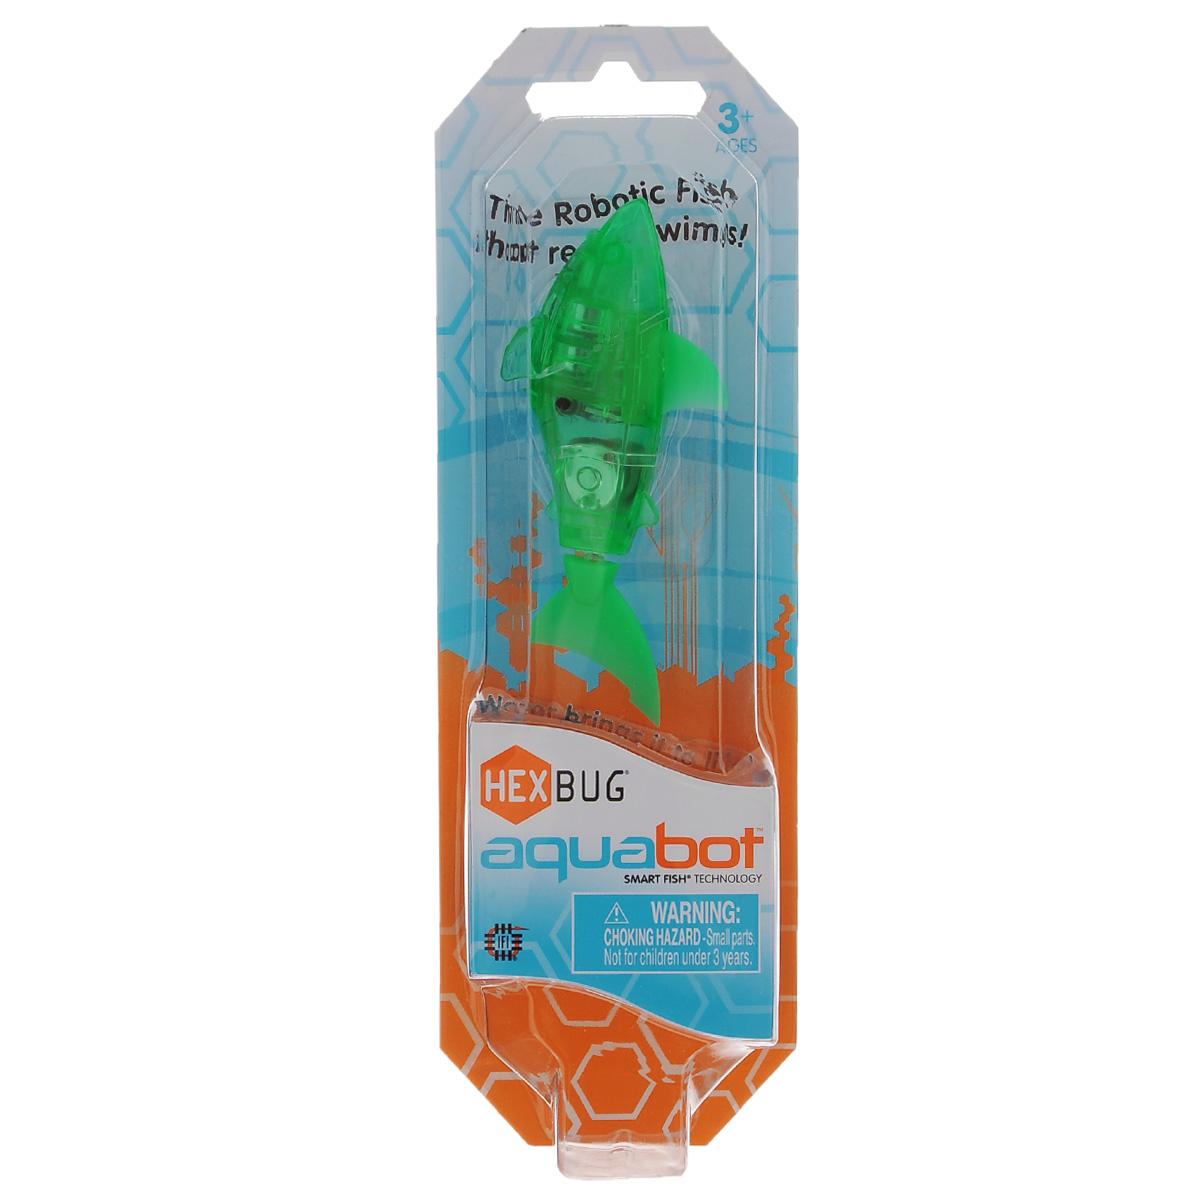 """Уникальный микро-робот Hexbug """"Aquabot Shark"""", цвет: зеленый, изготовлен из безопасного пластика в виде акулы. Теперь микро-роботы осваивают и водные глубины! Hexbug """"Aquabot Shark"""" плавает как настоящая акула и непредсказуем в направлении движения. Опустите его в воду и он оживет! Если микро-робот замер, то достаточно просто всколыхнуть воду и он снова поплывет. Вне воды он автоматически выключается. Для работы игрушки необходимы 2 батарейки типа LR44 (товар комплектуется демонстрационными)."""